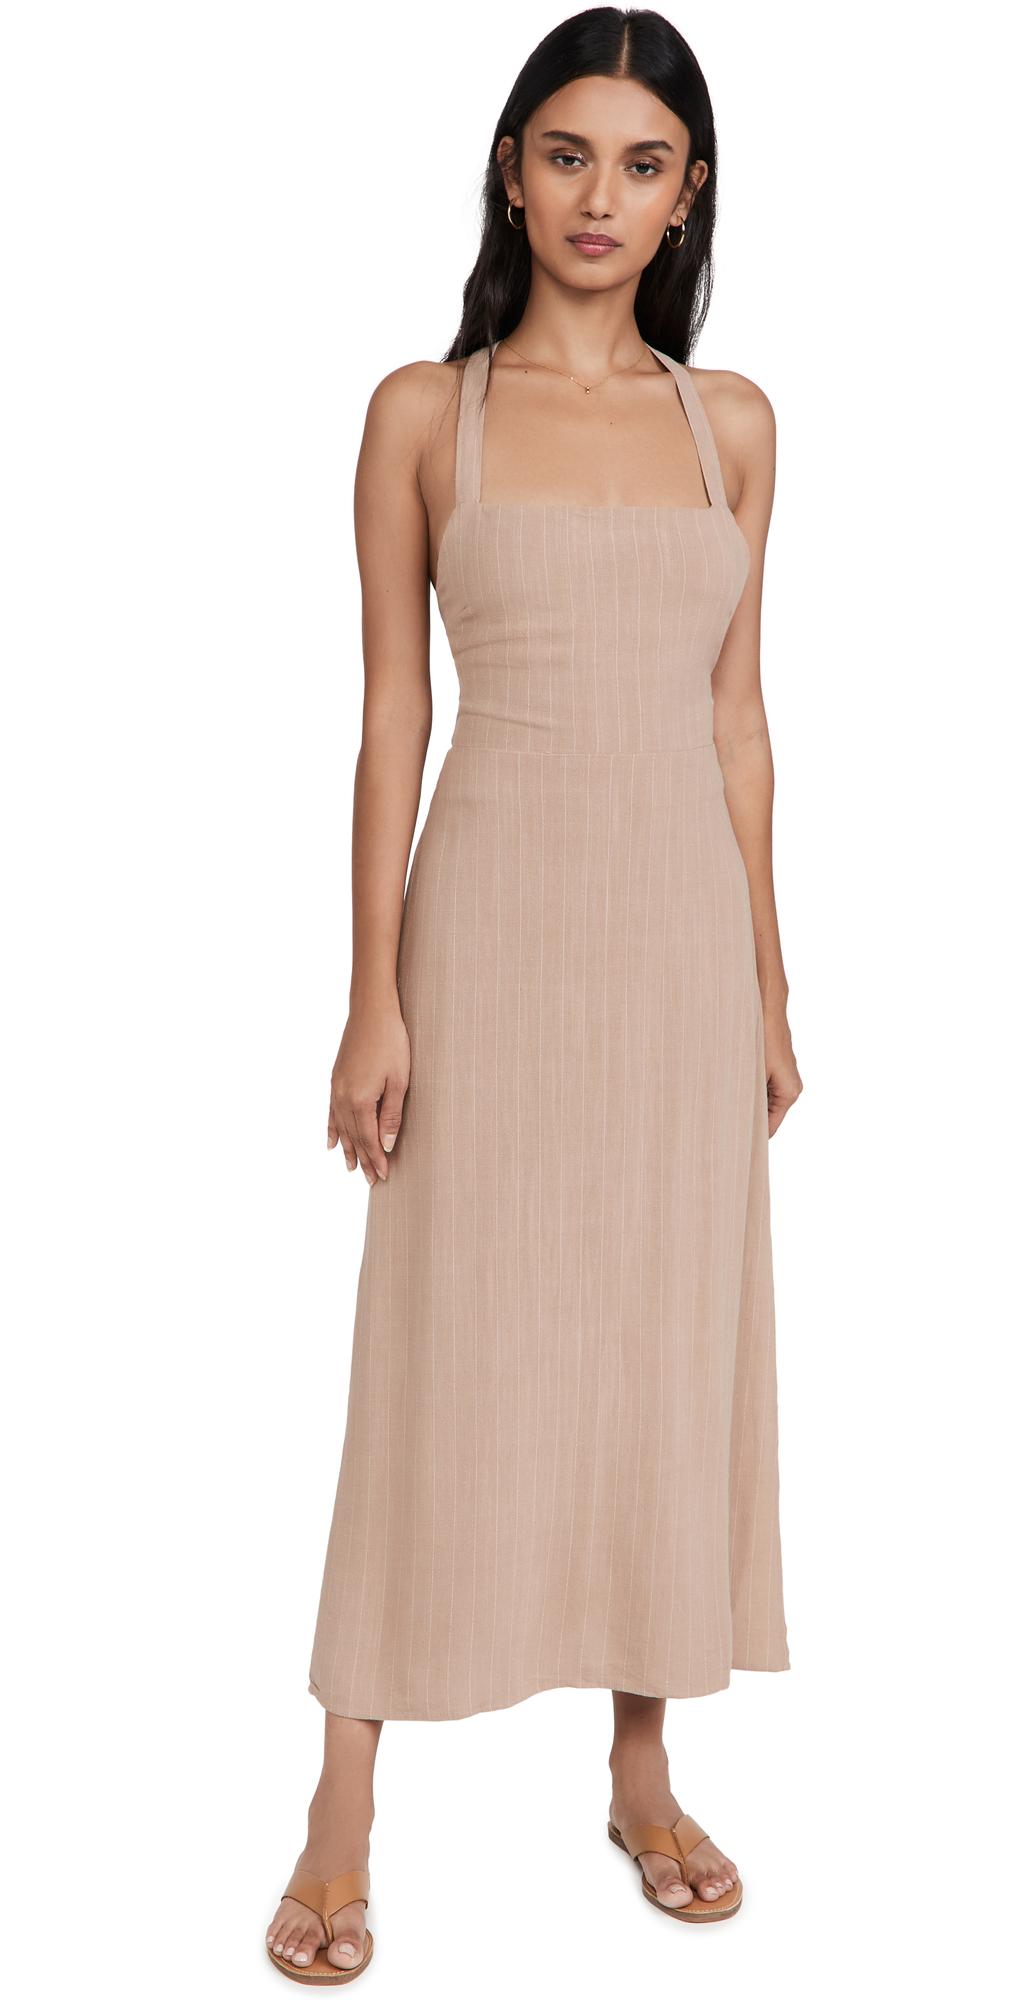 Delilah Cross Body Back Dress